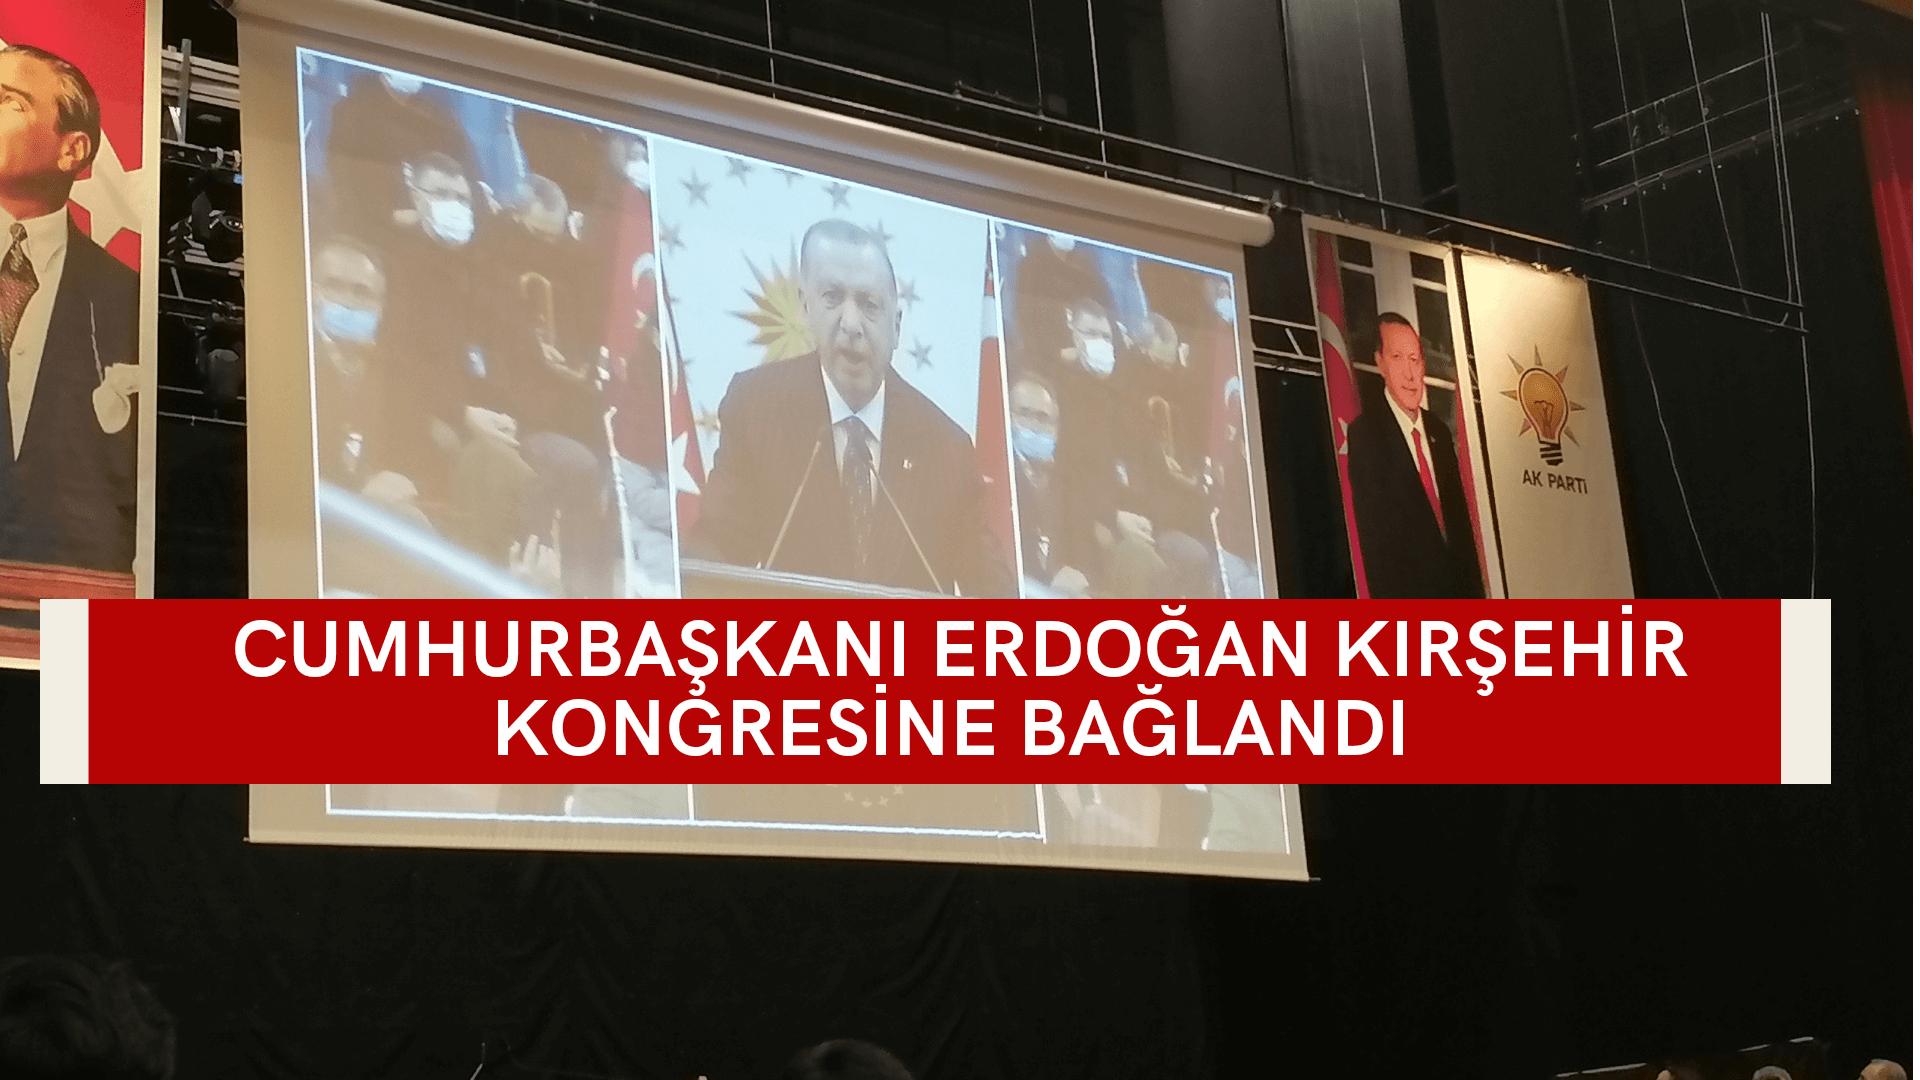 Cumhurbaşkanı Erdoğan Kırşehir kongresine bağlandı